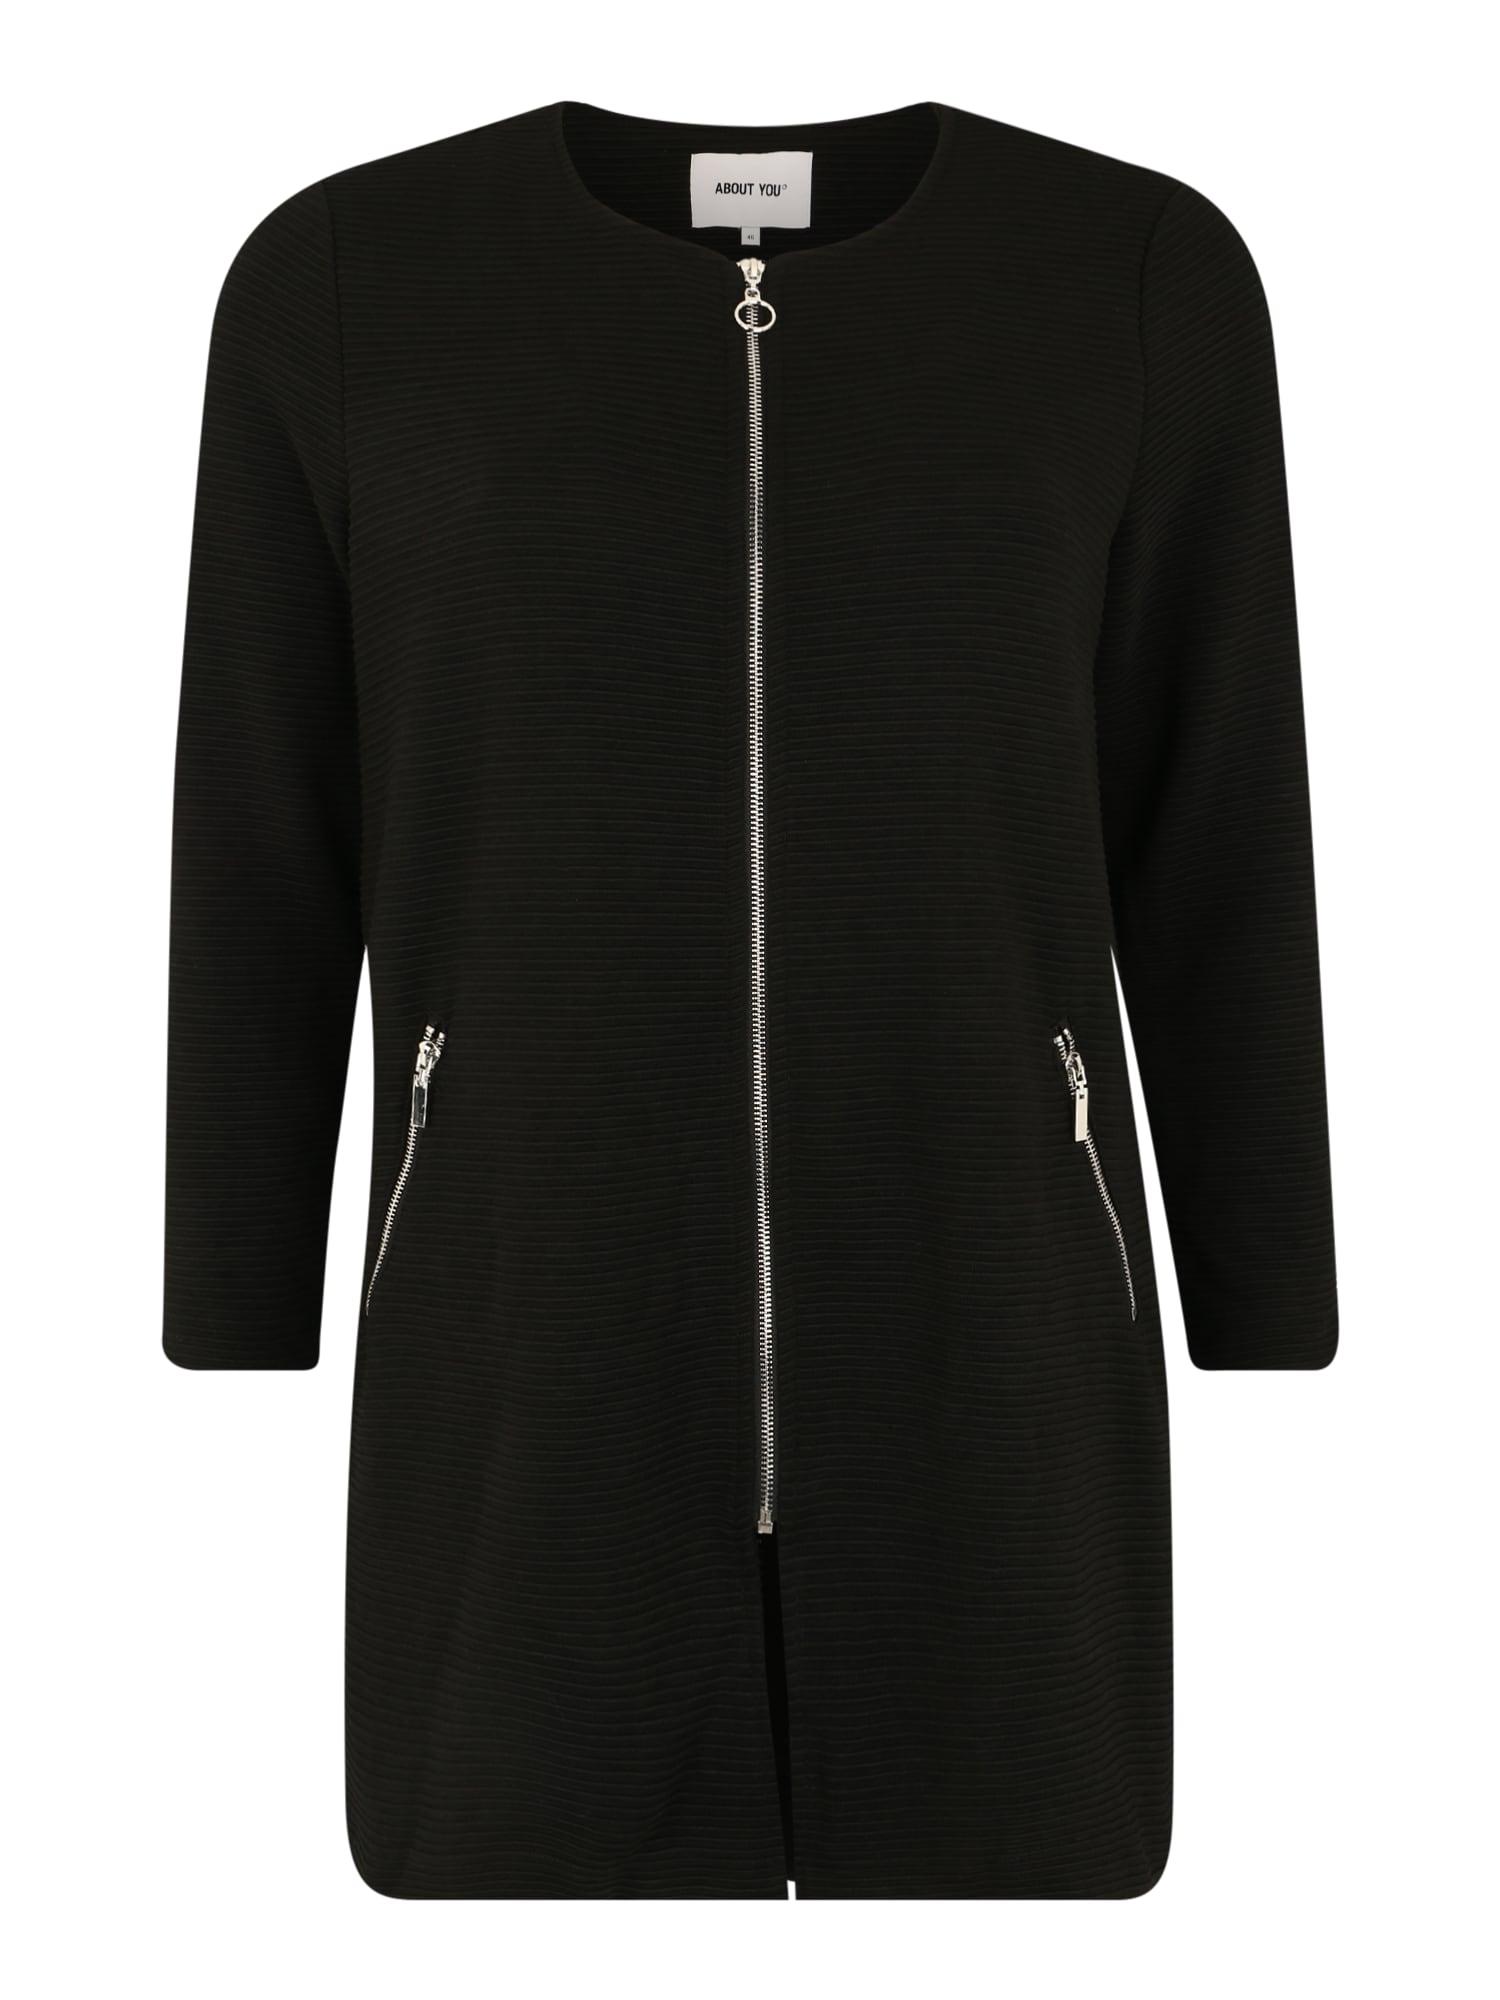 ABOUT YOU Curvy Rudeninis-žieminis paltas 'Dena' juoda